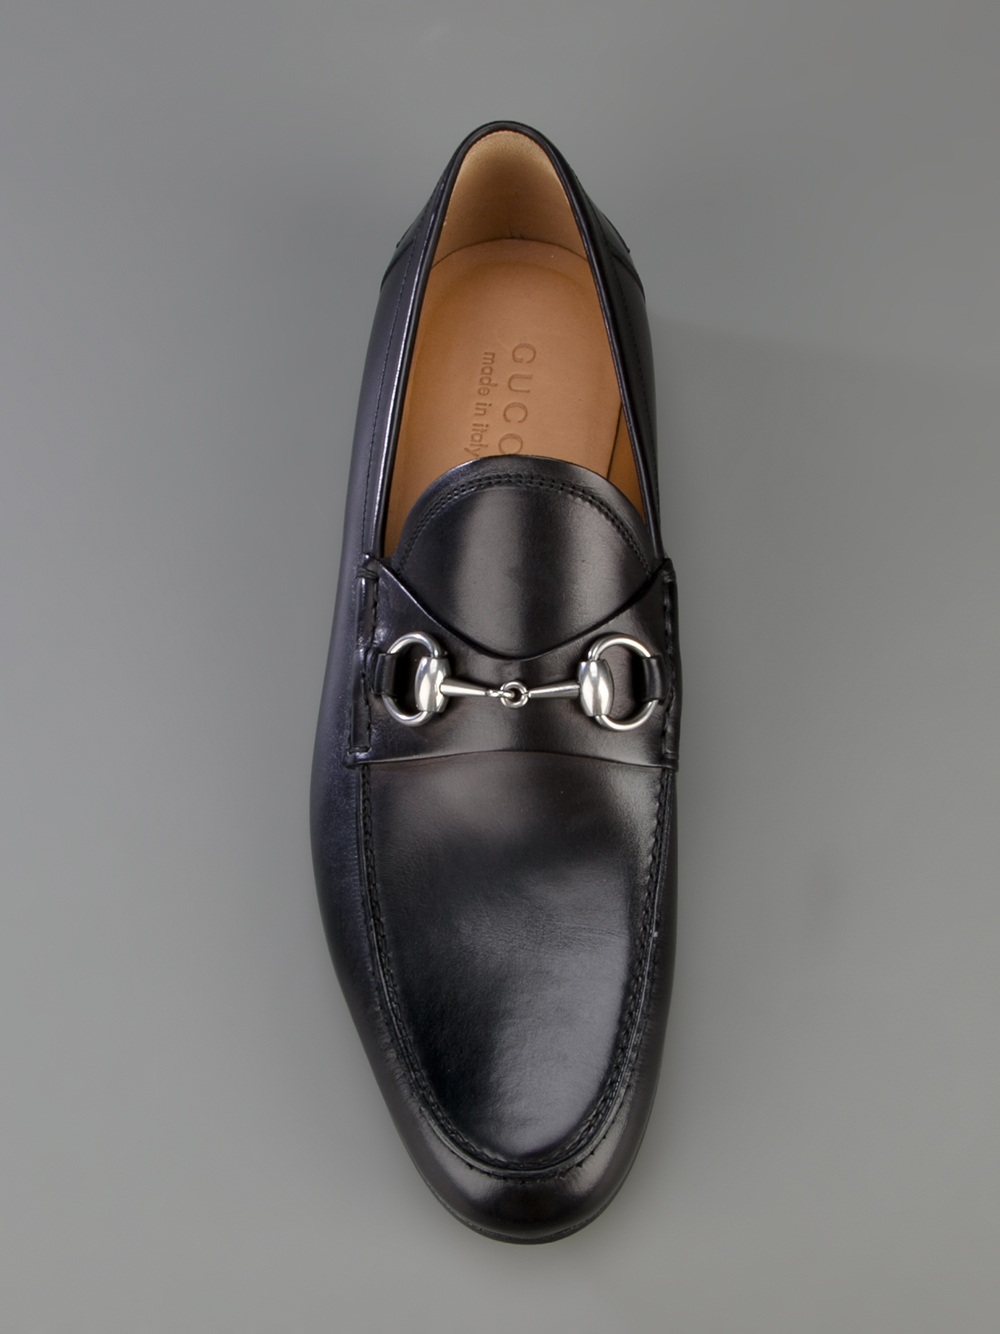 af85beec2d8 Gucci Horsebit Loafer in Black for Men